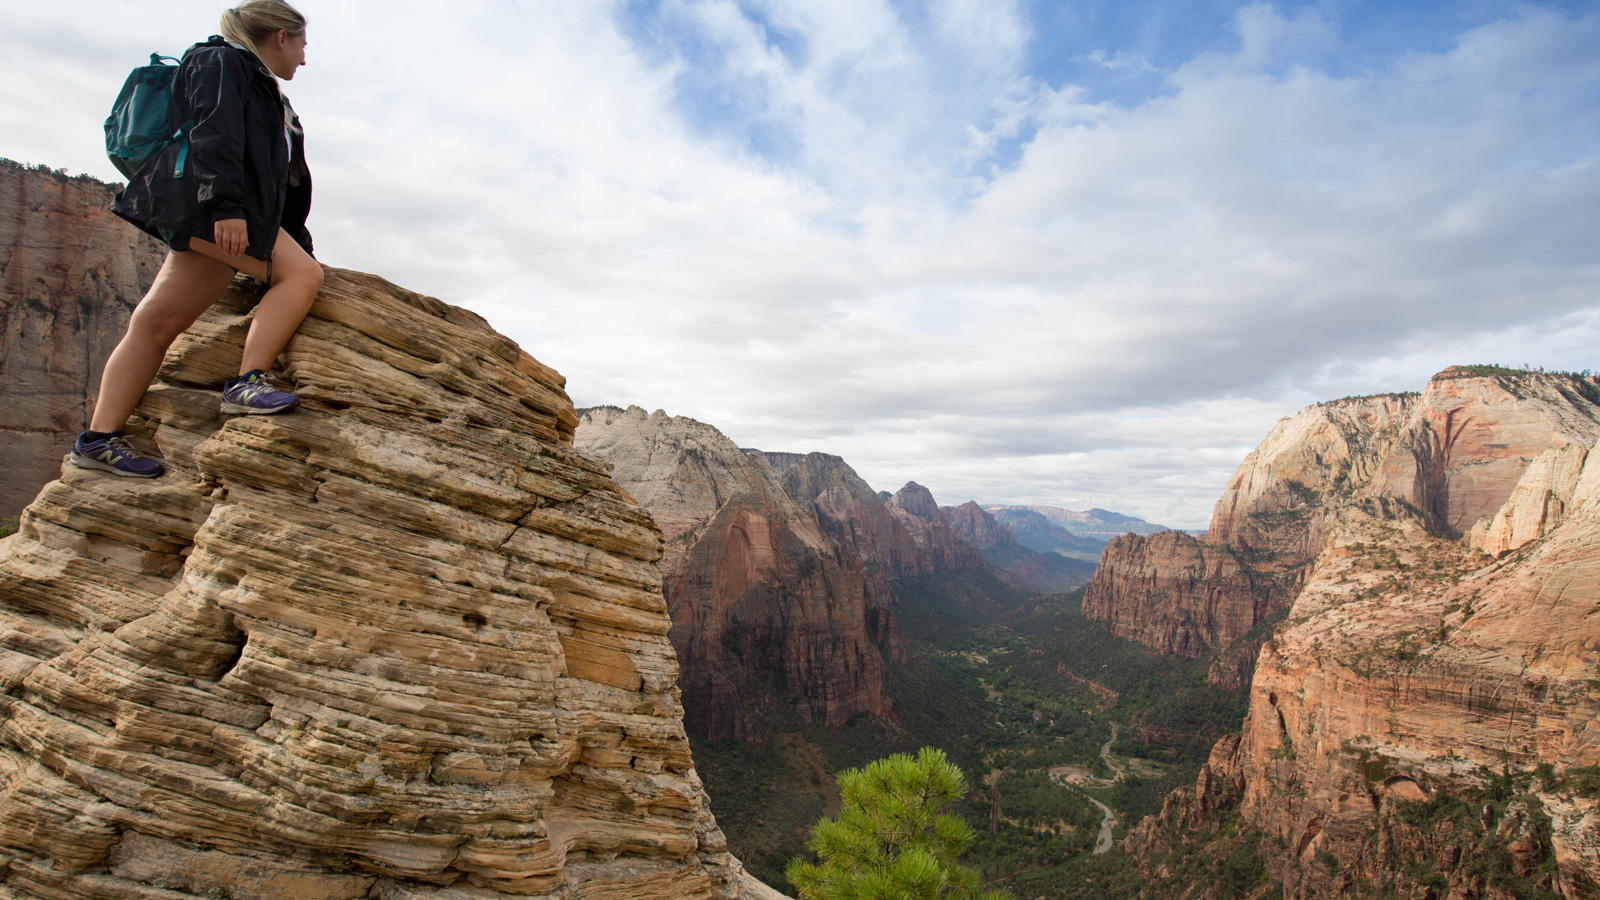 Sonniger Süden der USA Gruppenreise für junge Leute traveljunkies